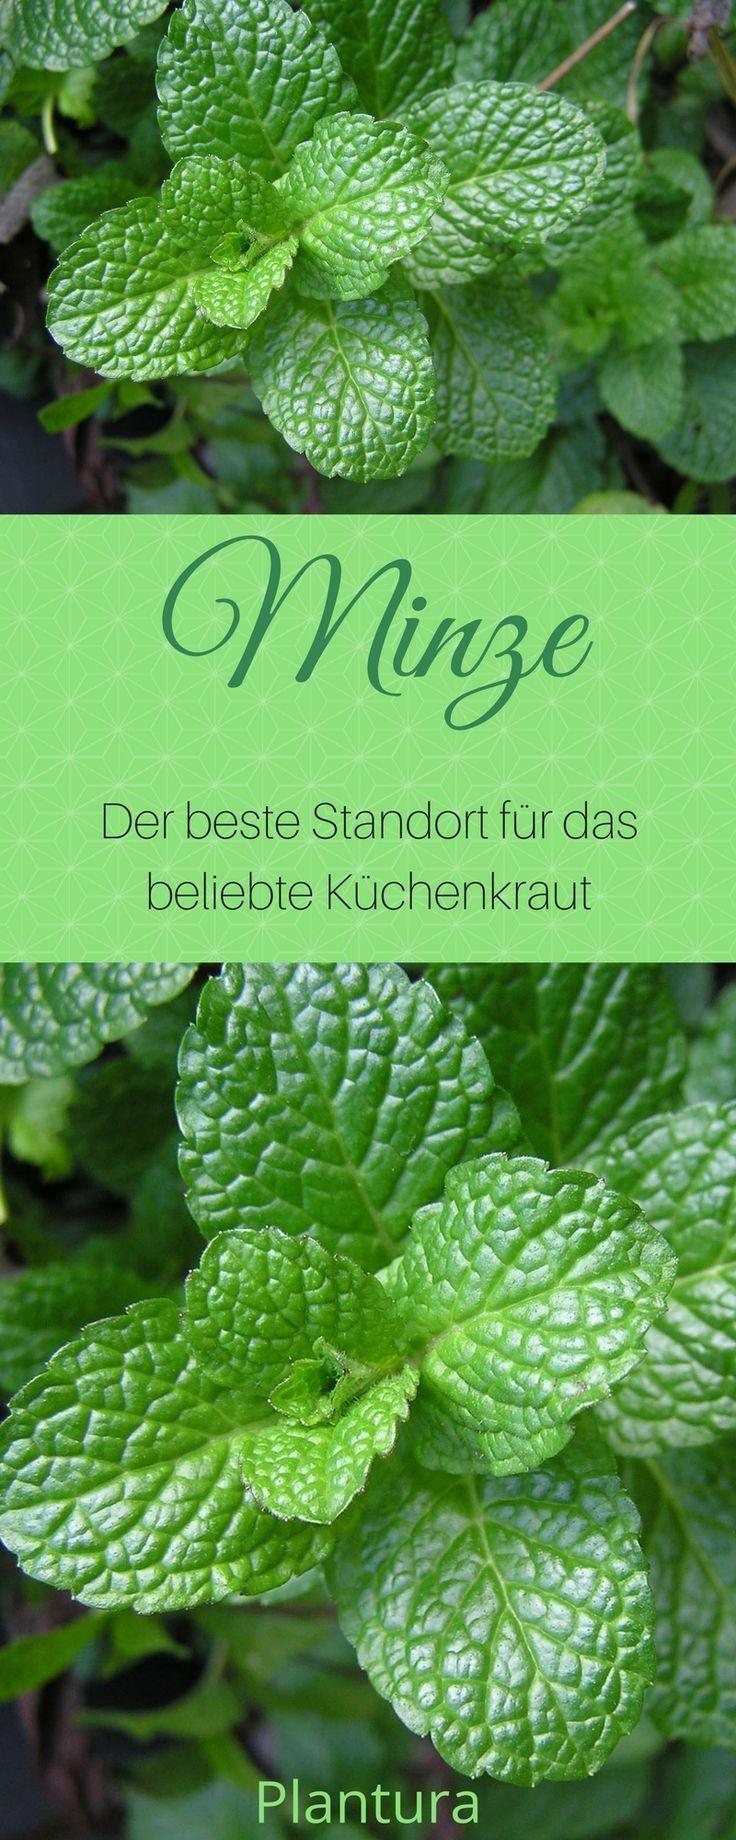 Minze: Das aromatische Heilkraut im eigenen Garten - Plantura